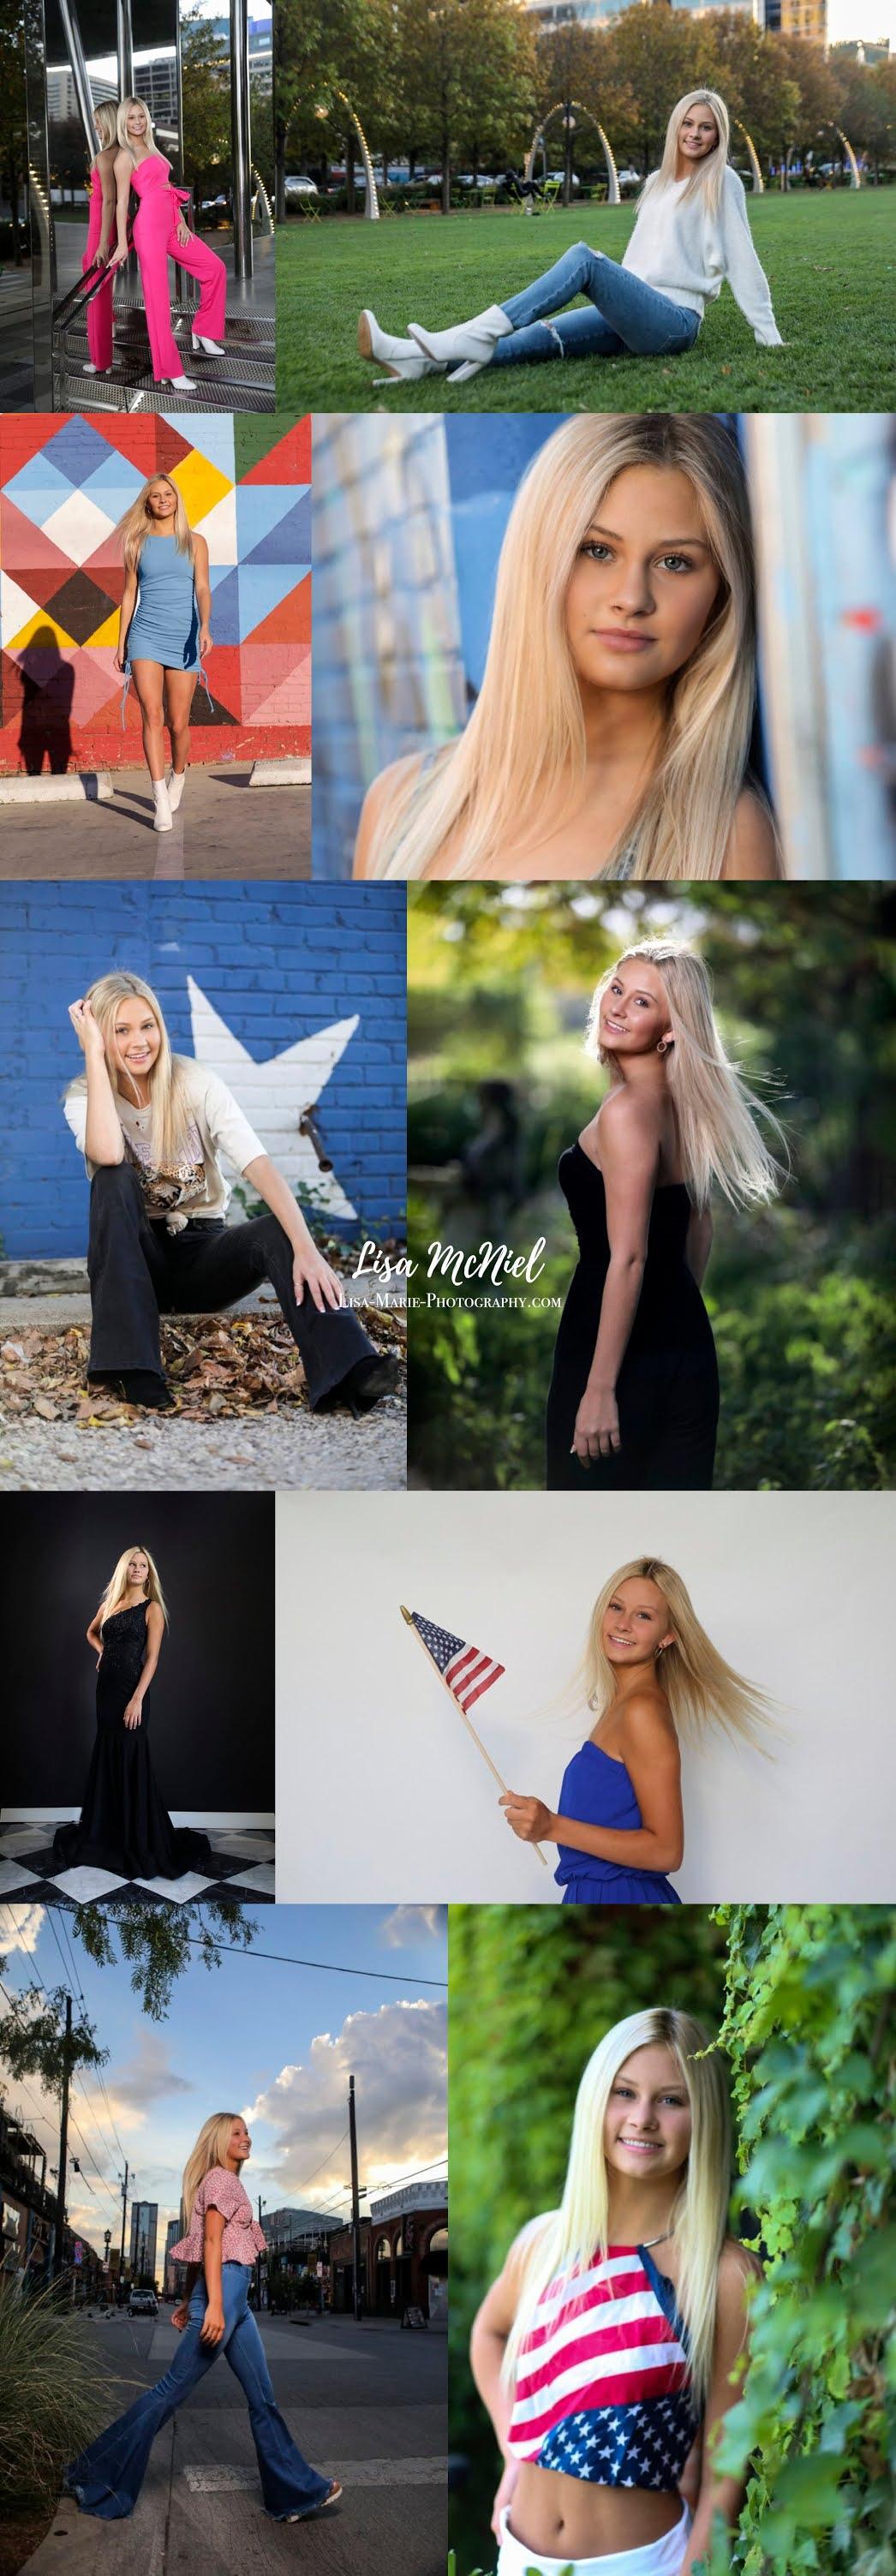 Portraits of Teen girl studio and urban